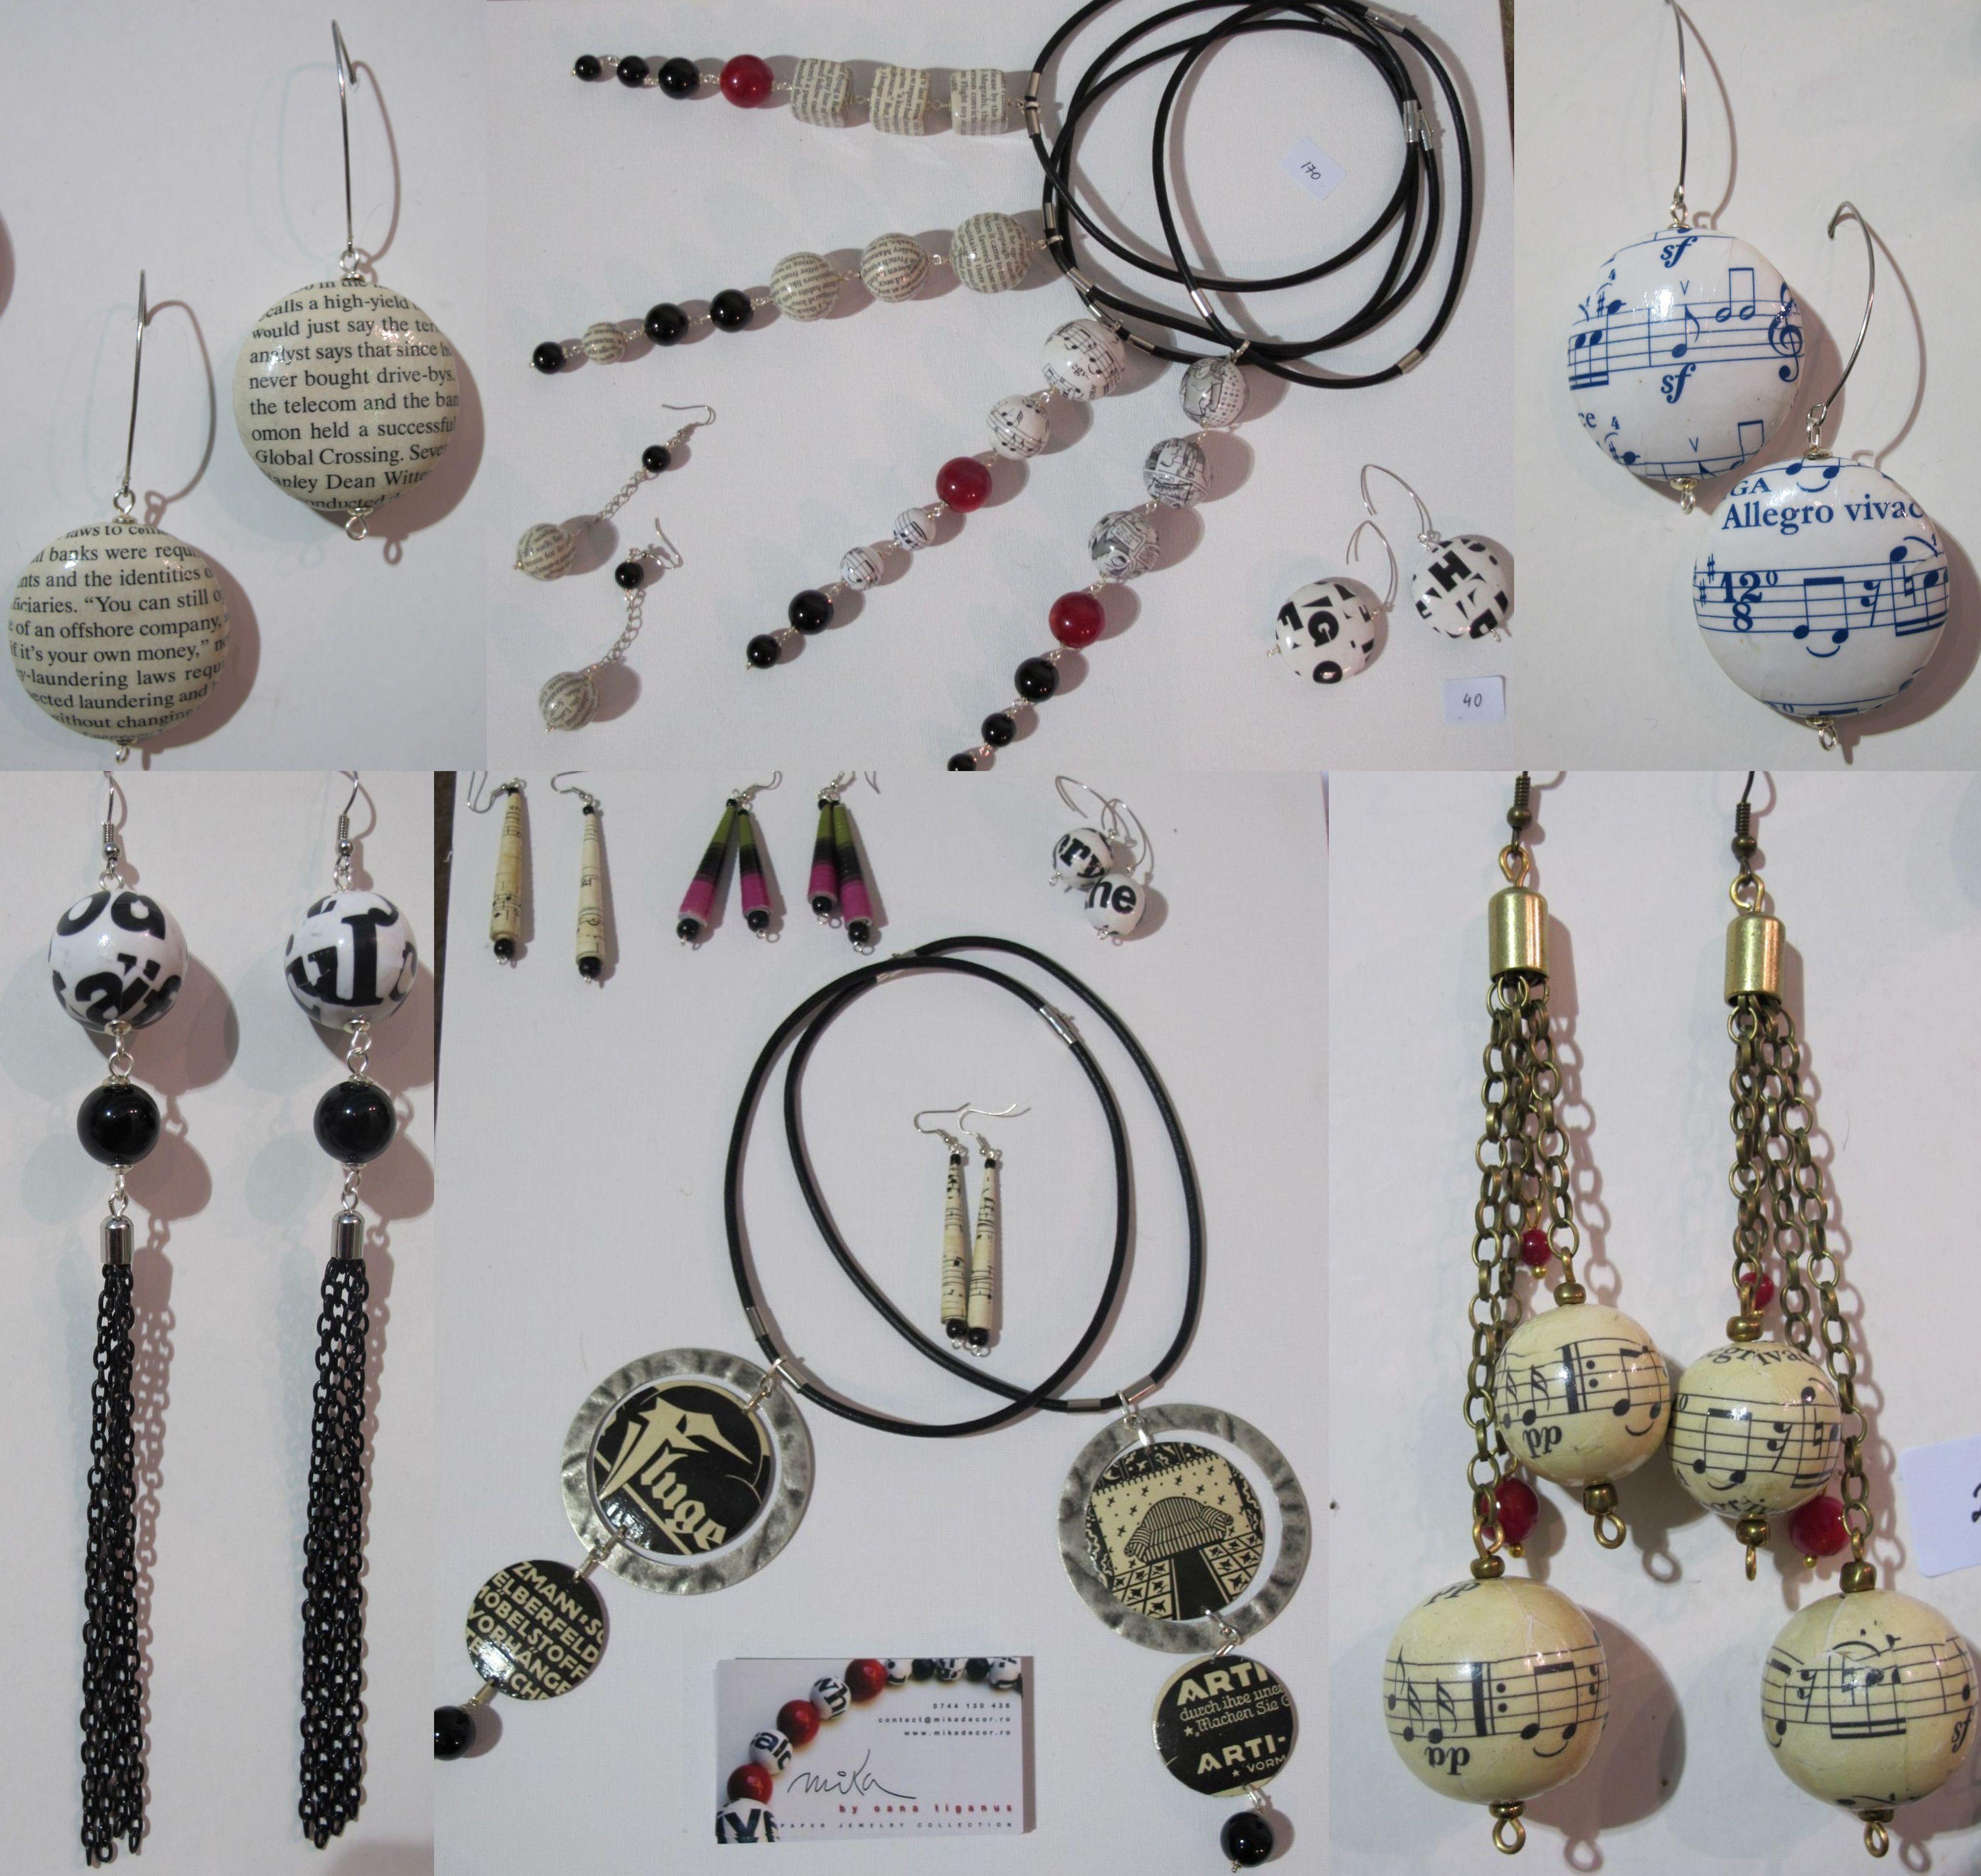 Oana Tiganus a lucrat in publicitate, dar acum s-a dedicat bijuteriilor handmade si le creeaza sub brandul Mika Decor. Pasionata de reclame veci, le integreaza frumos in pandantive si coliere.